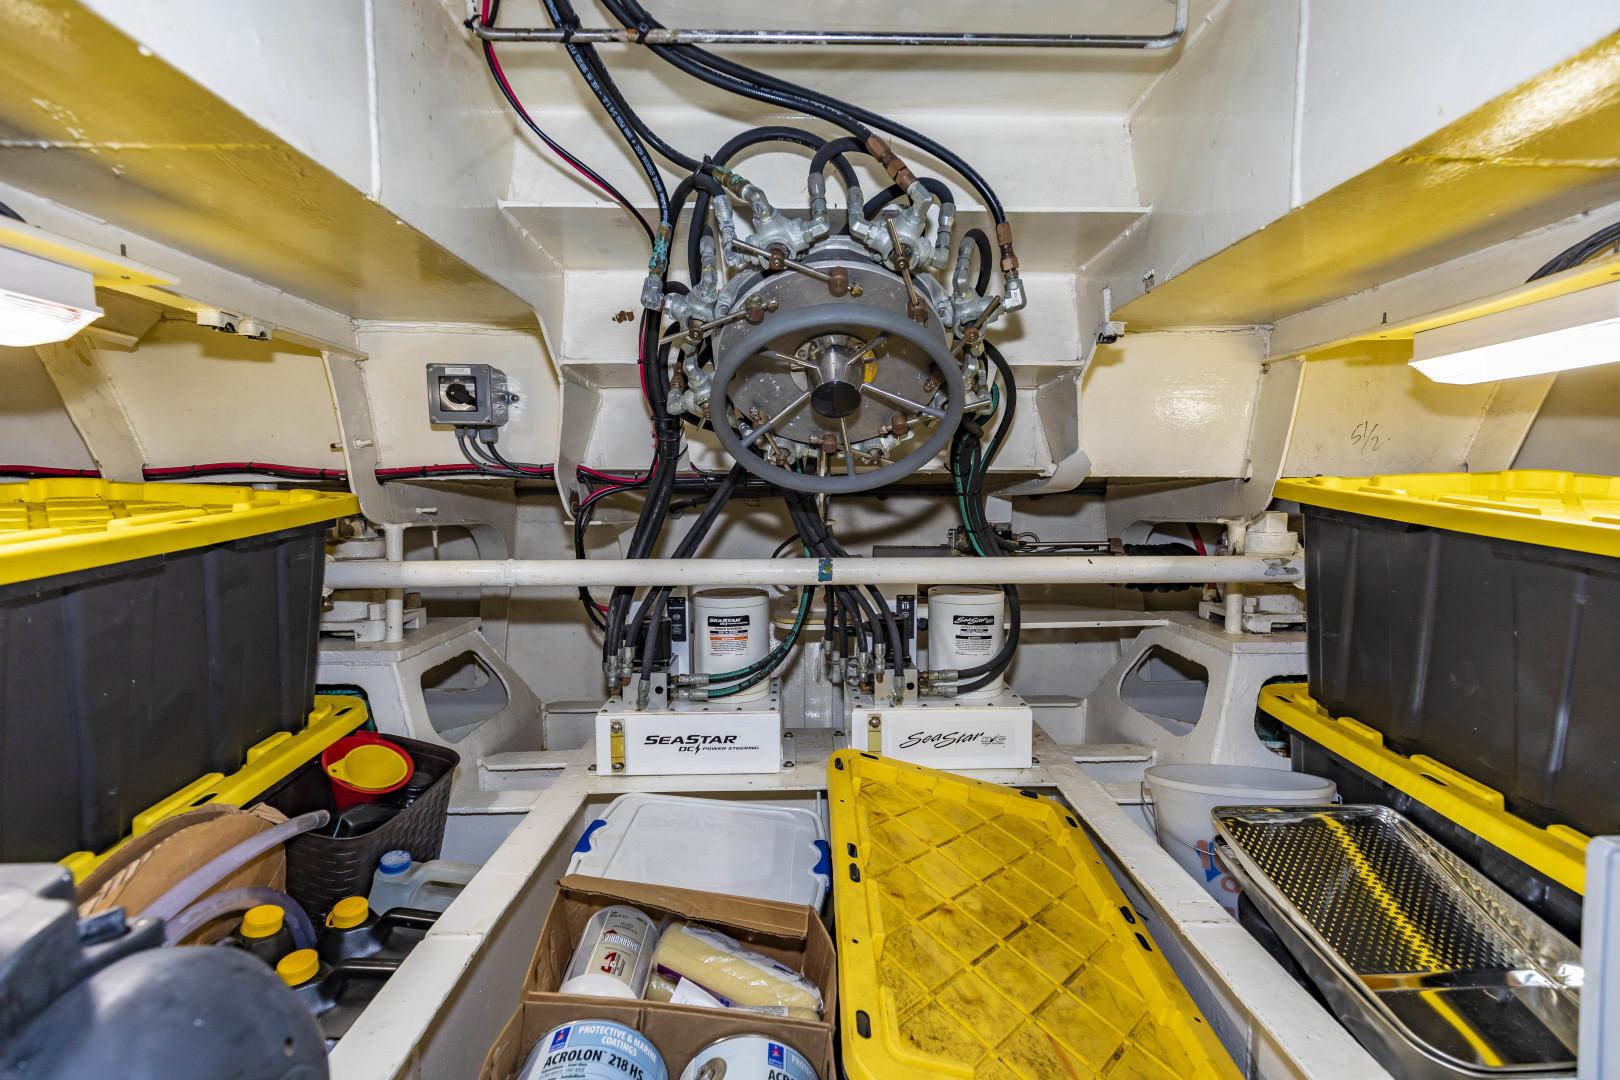 GlassTech-Expedition Yacht 2018-Reset Stuart-Florida-United States-Hydraulic Redundant Steering-1570480 | Thumbnail